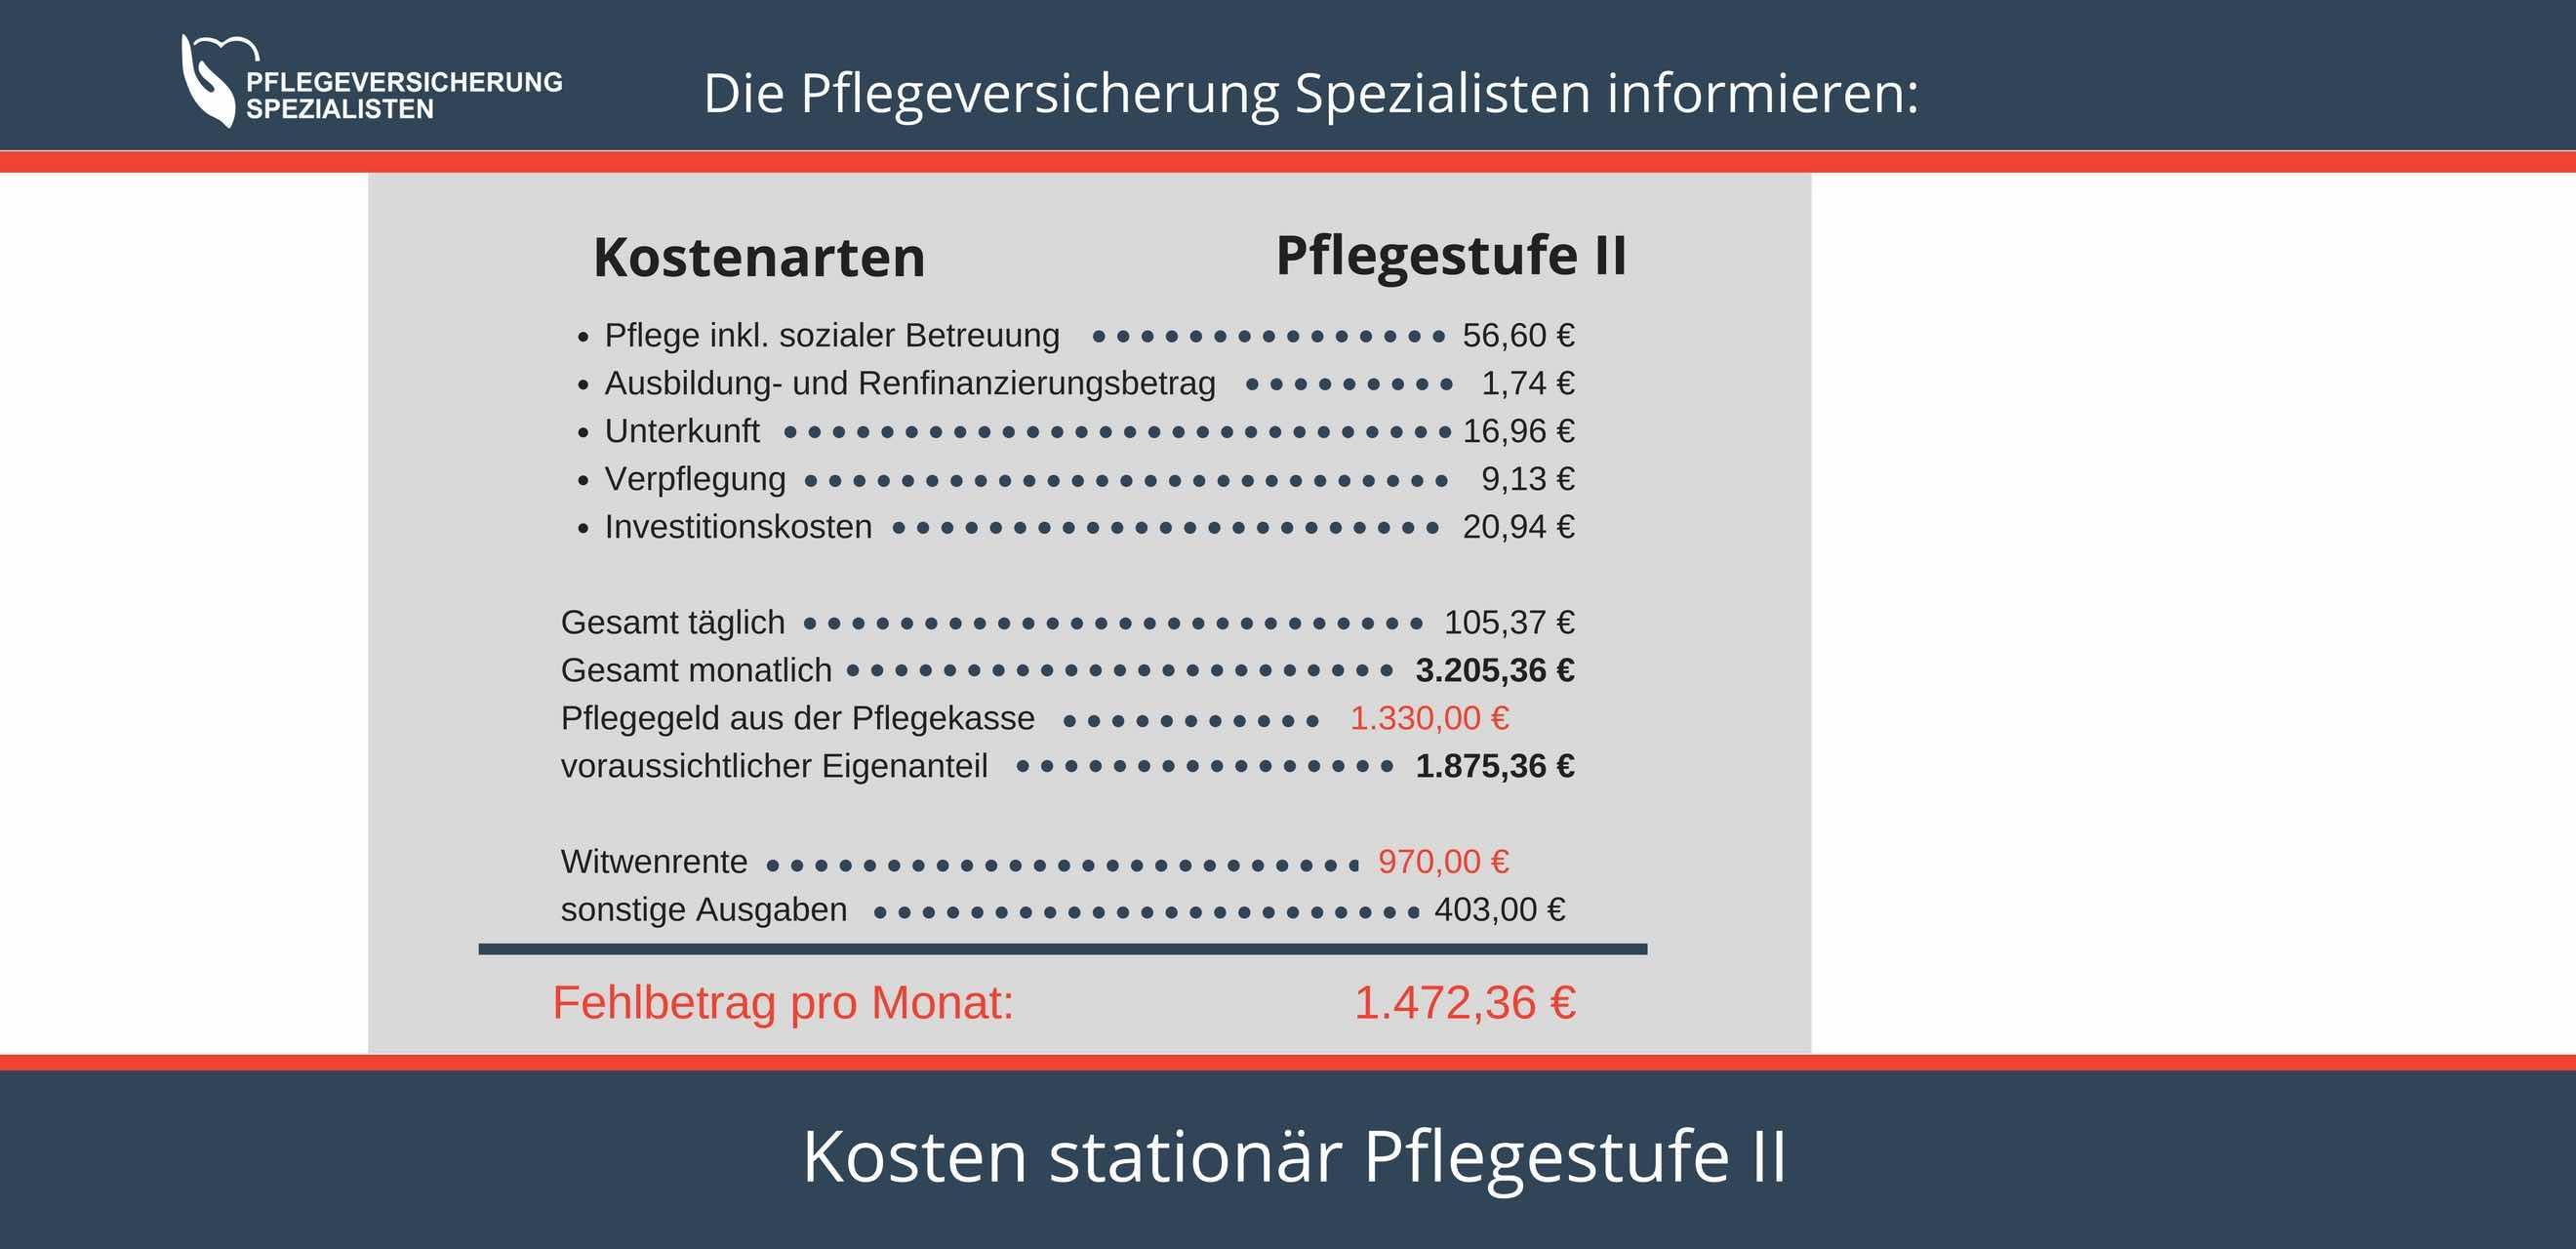 Die Pflegeversicherung Spezialisten informieren über die Kosten statuionär Pflegestufe II